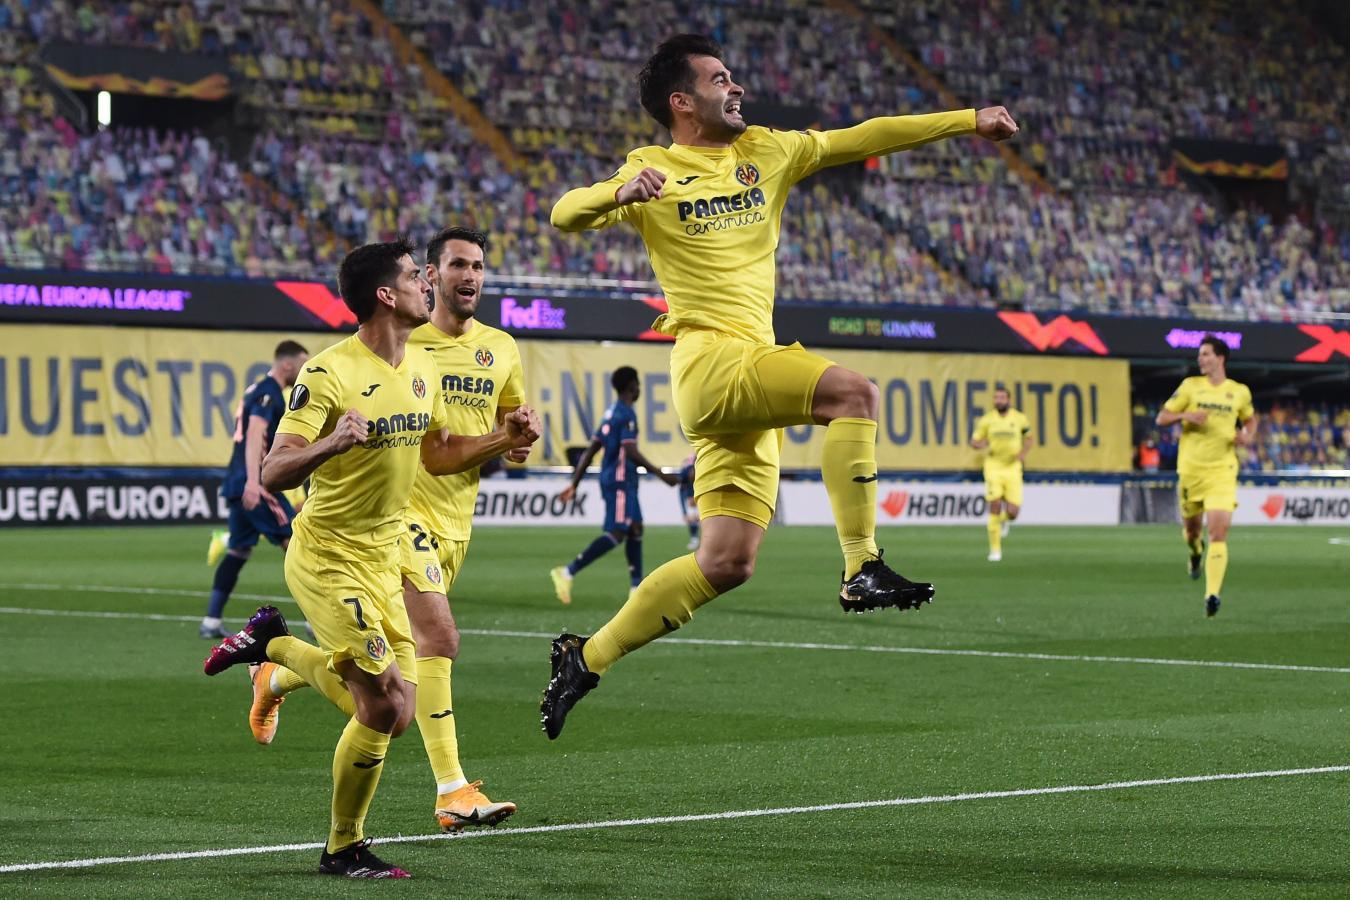 Manu Trigueros abrió la cuenta en el Estadio de la Cerámica a los 5 minutos.